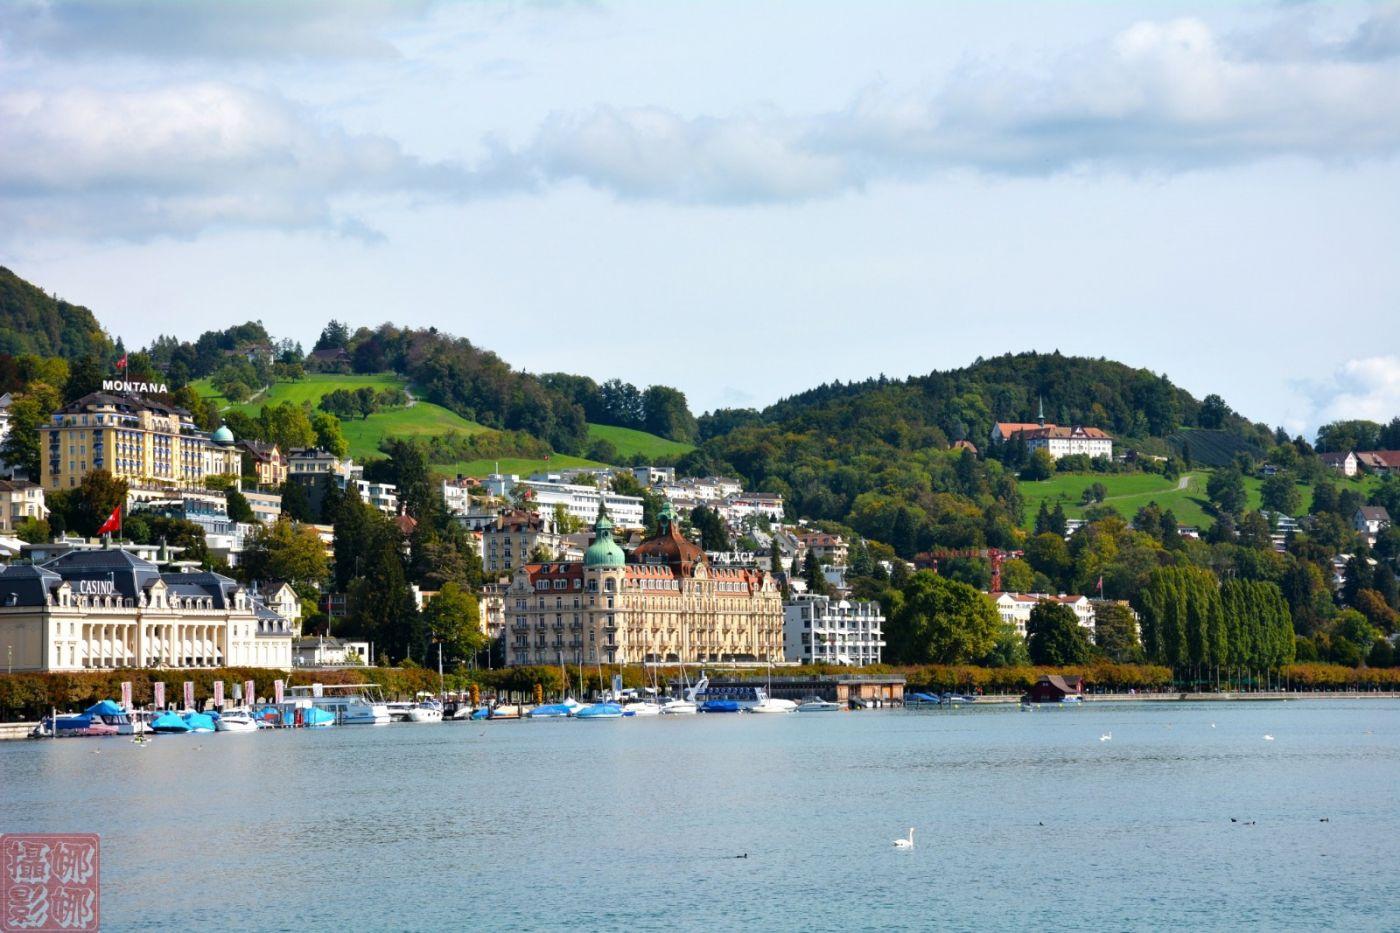 瑞士卢塞恩湖畔风光(一)_图1-9